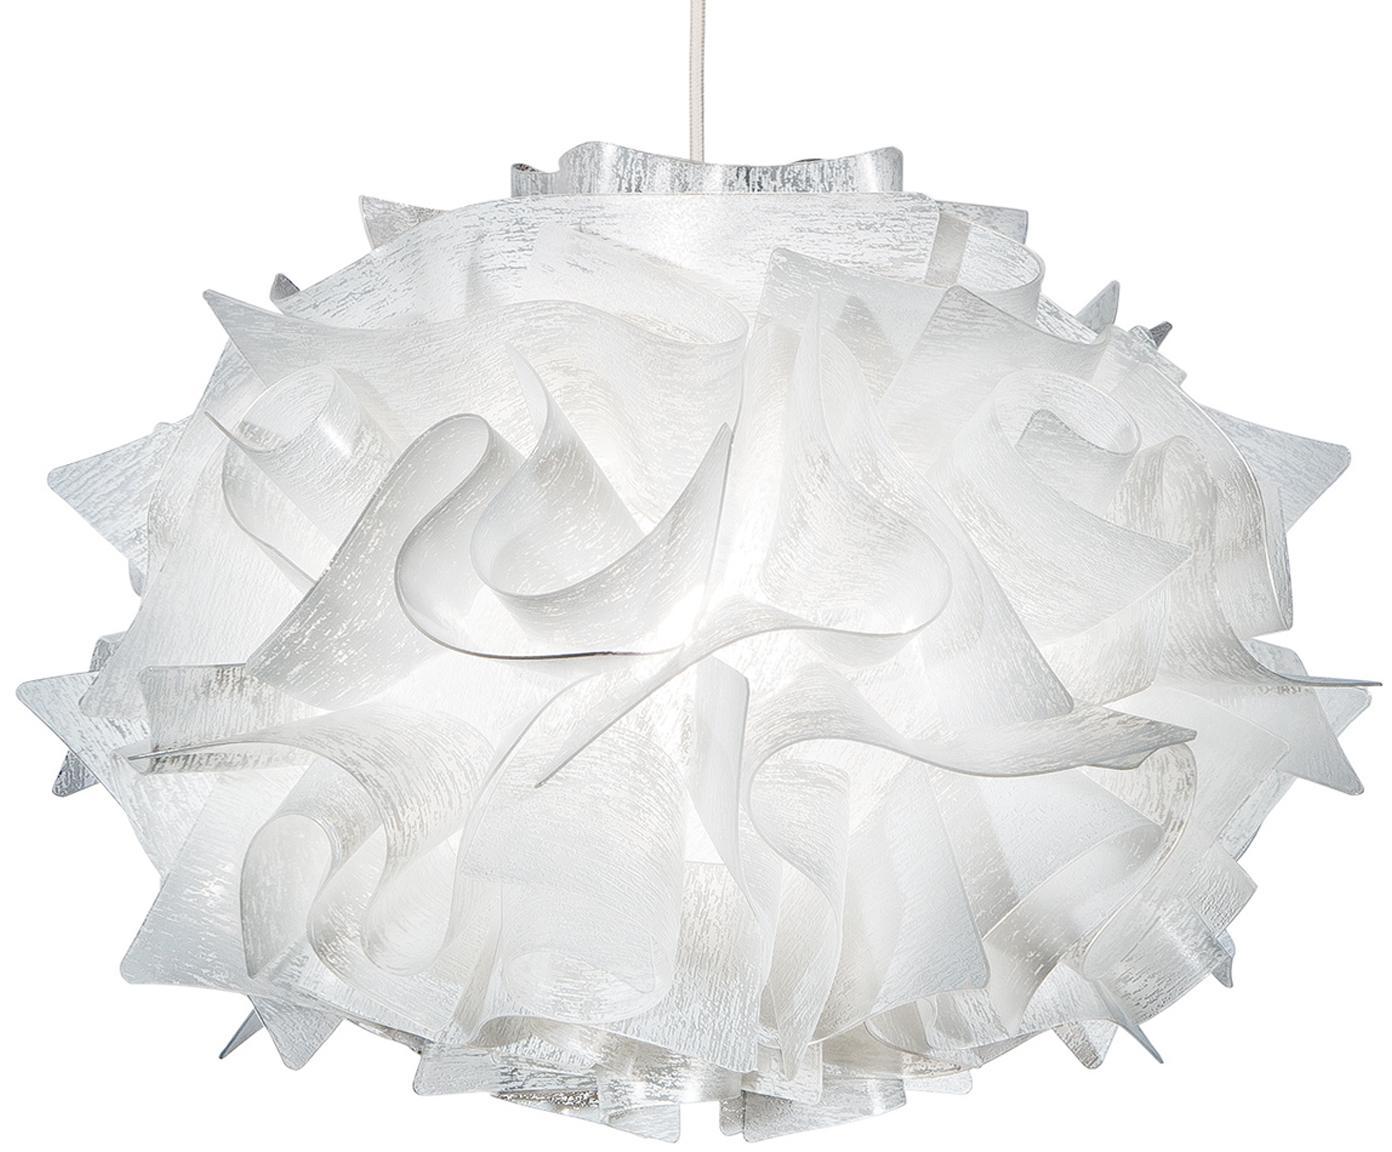 Handgemaakte design hanglamp Veli Mini, Technopolymeer Opalflex®, recyclebaar, onbreekbaart, flexibel, anti-statisch gecoat, UV- en hittebestendig, Wit, Ø 32 x H 22 cm